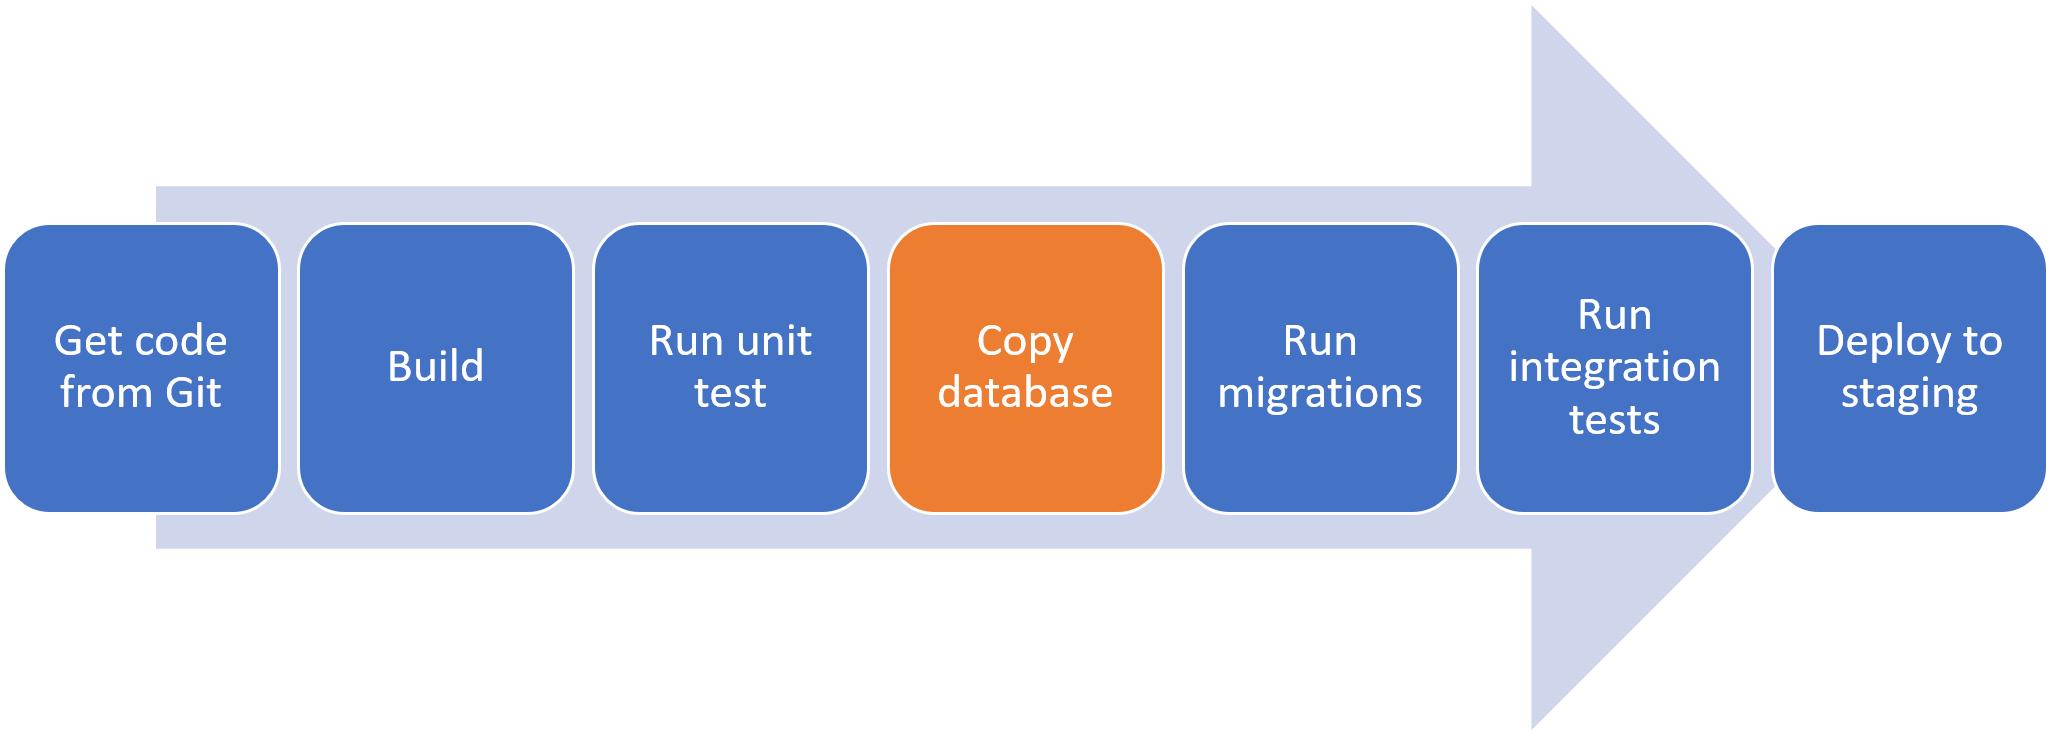 Copy SQL Server database on Azure